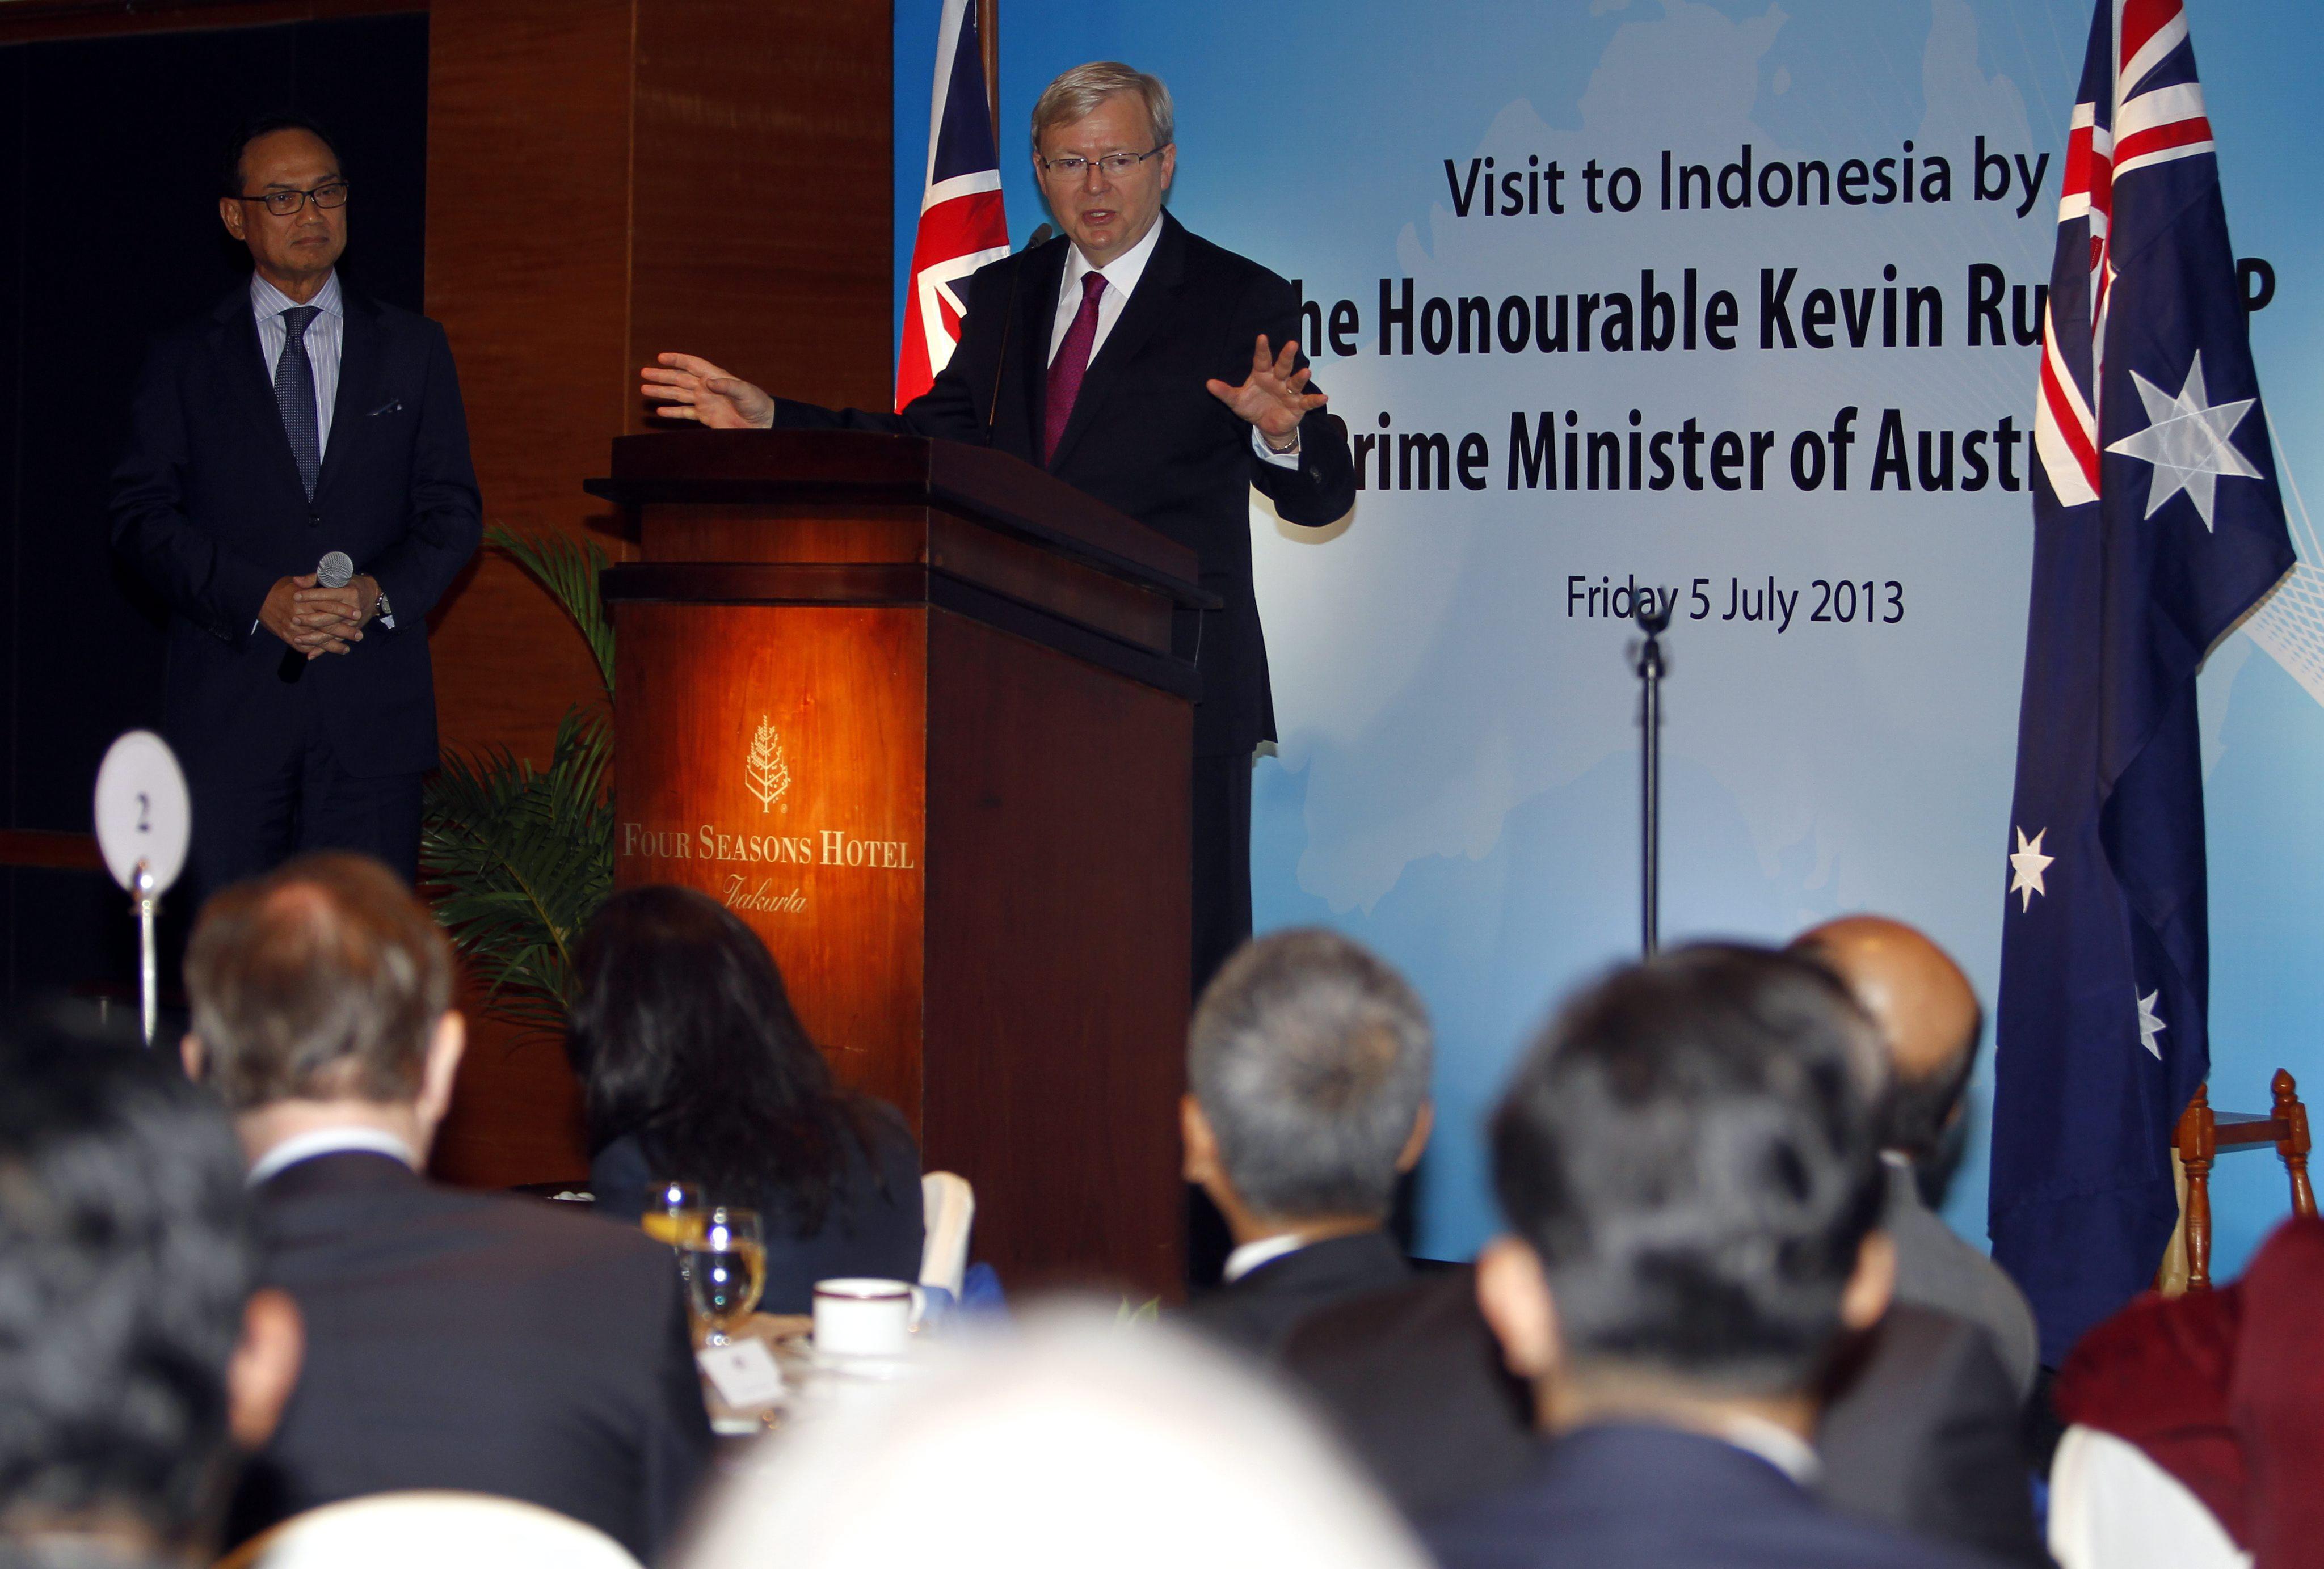 El primer ministro australiano aborda el comercio y la inmigración en Indonesia